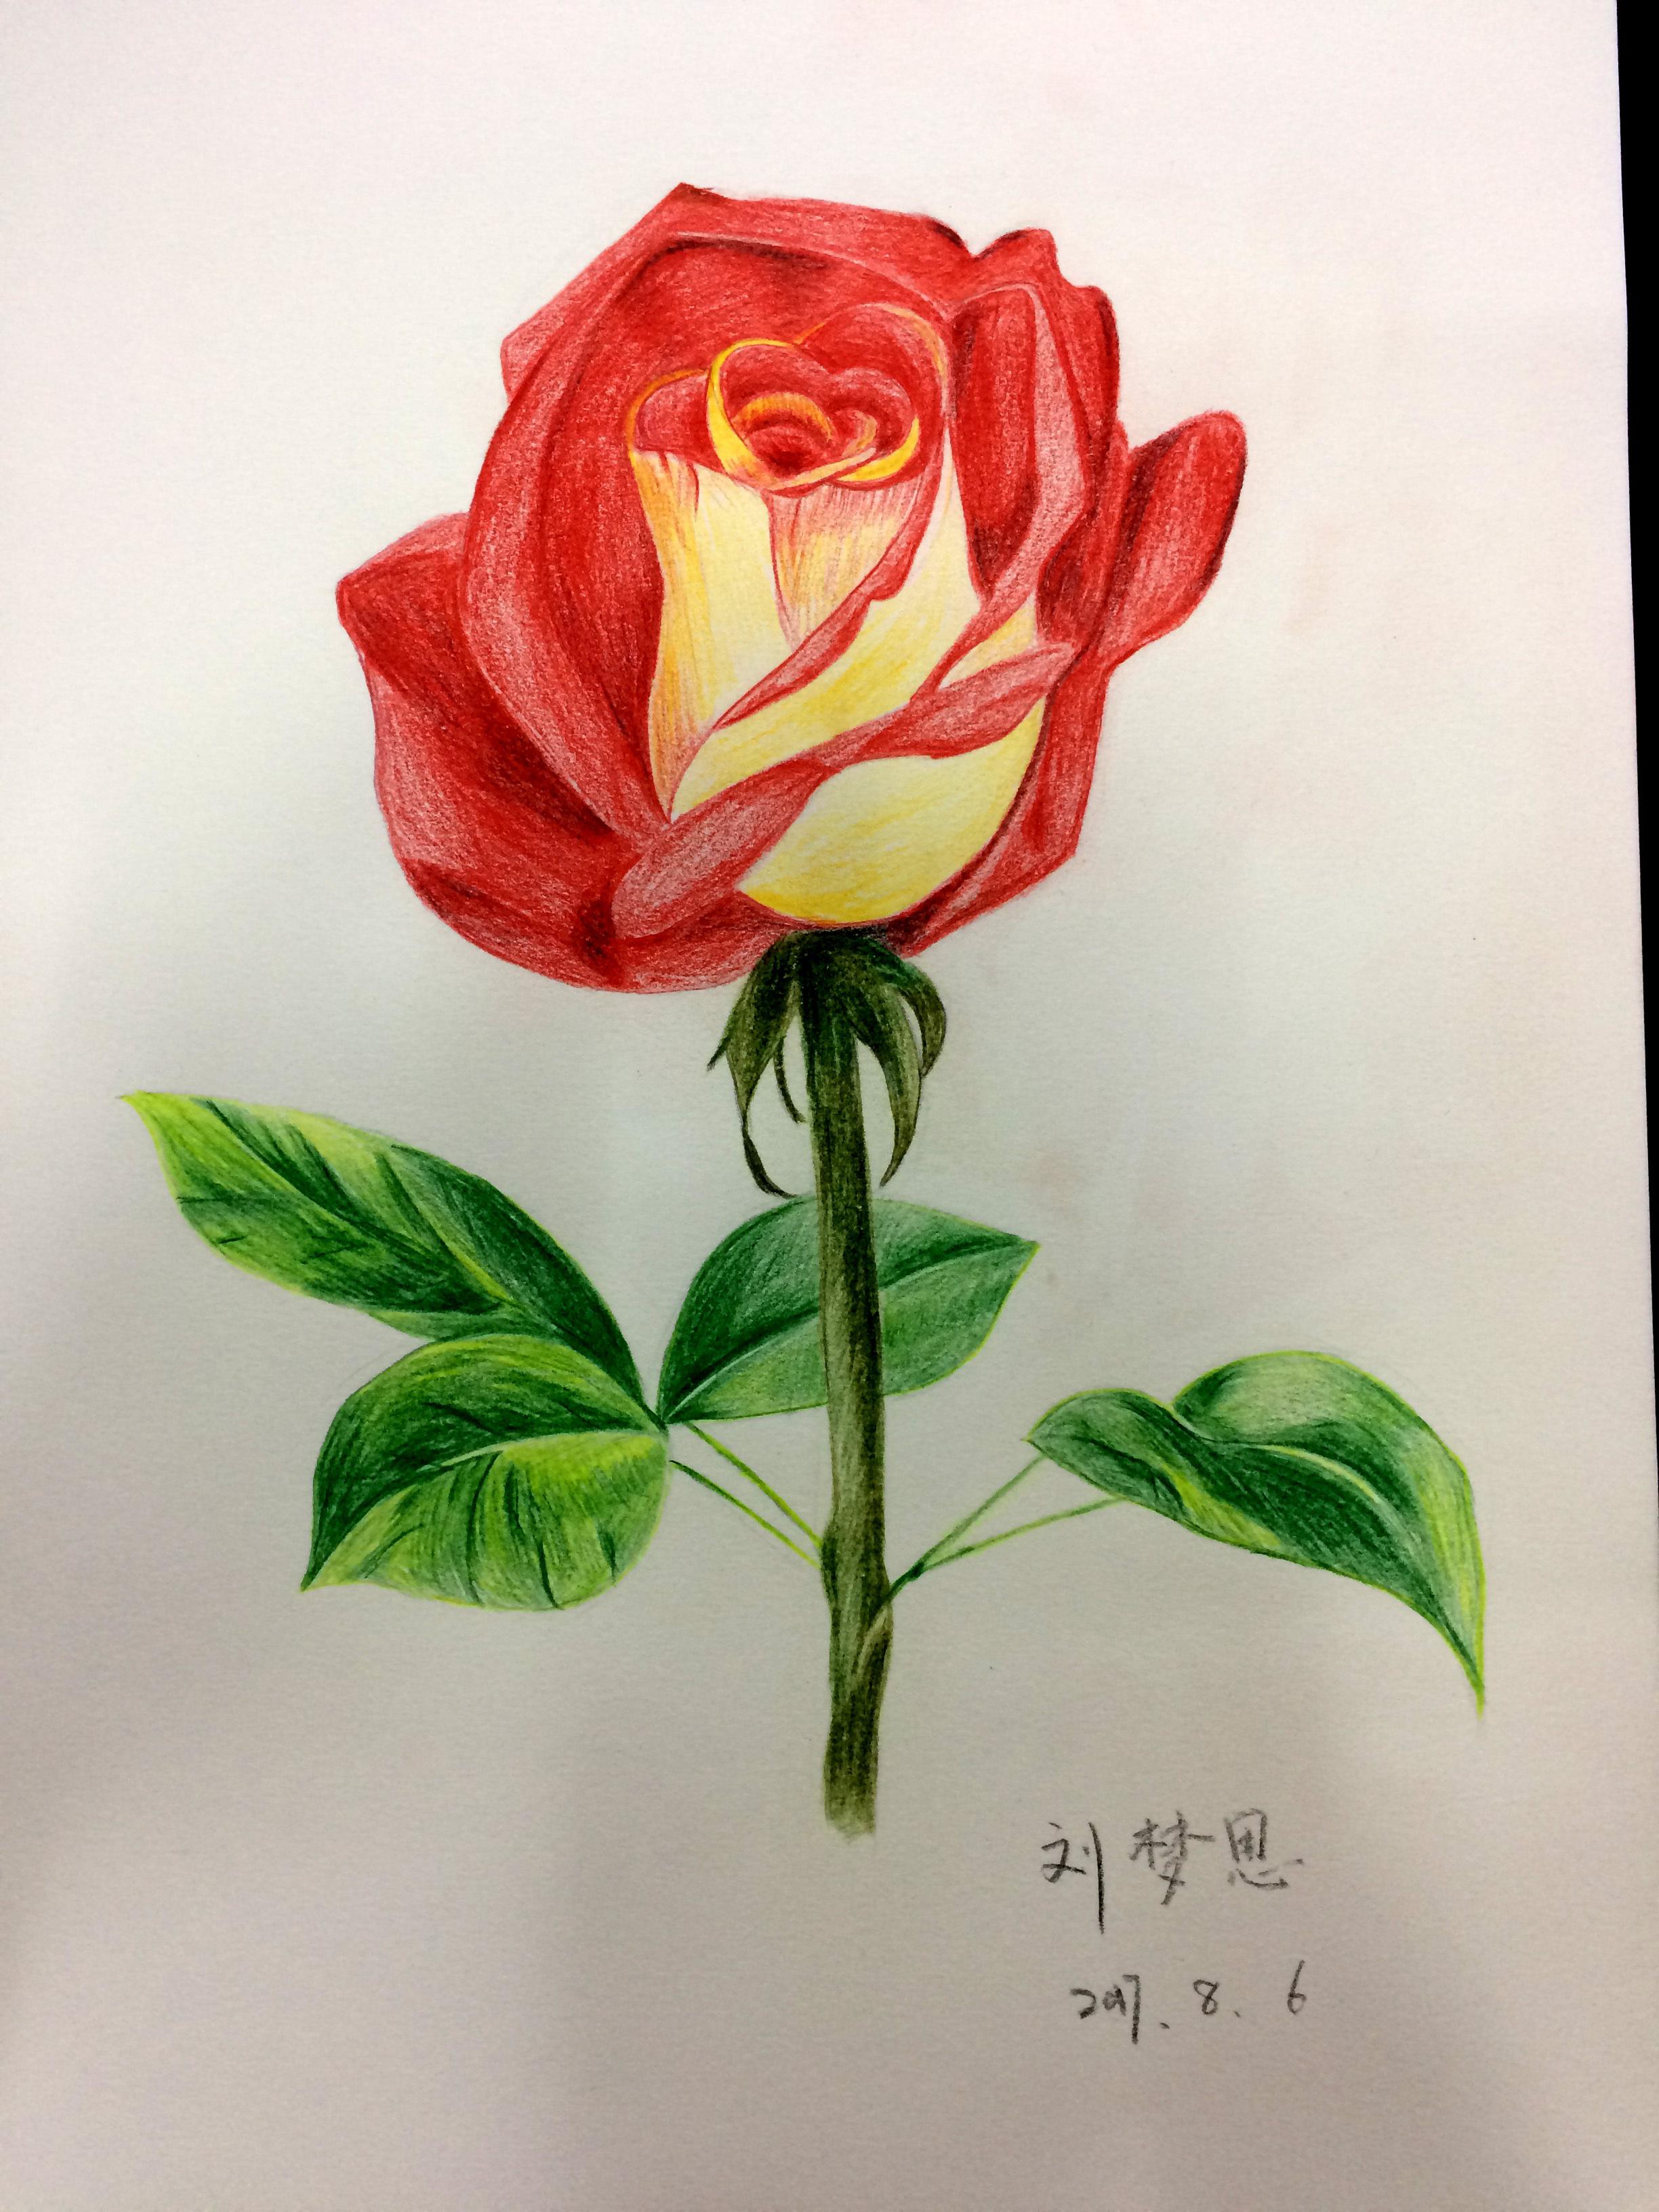 手绘玫瑰|纯艺术|彩铅|nffw - 原创作品 - 站酷